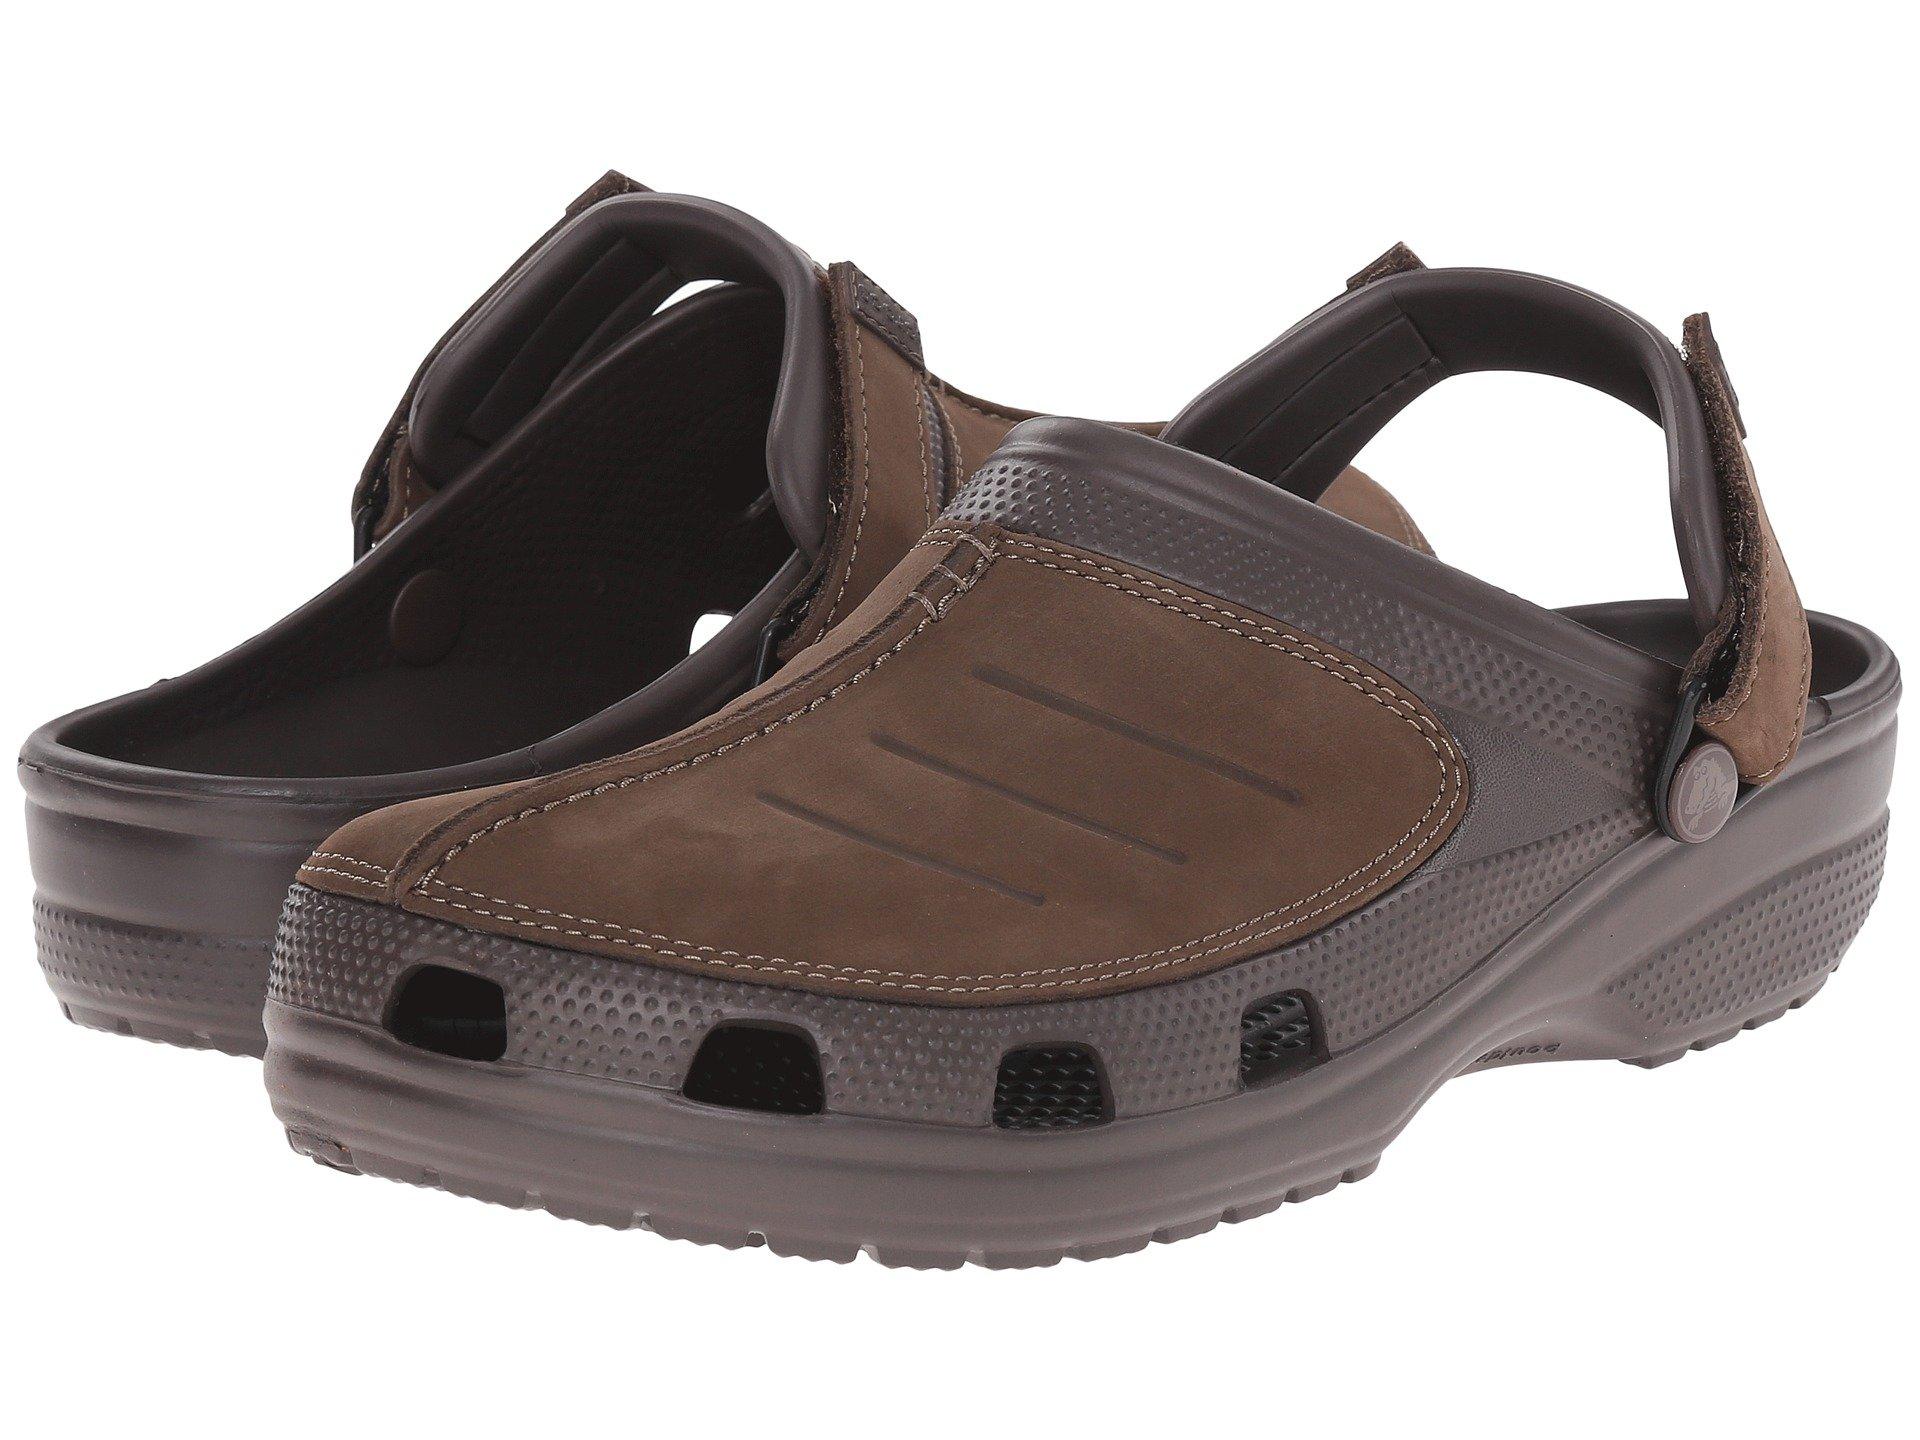 Calzado Sin Talon para Hombre Crocs Yukon Mesa Clog  + Crocs en VeoyCompro.net